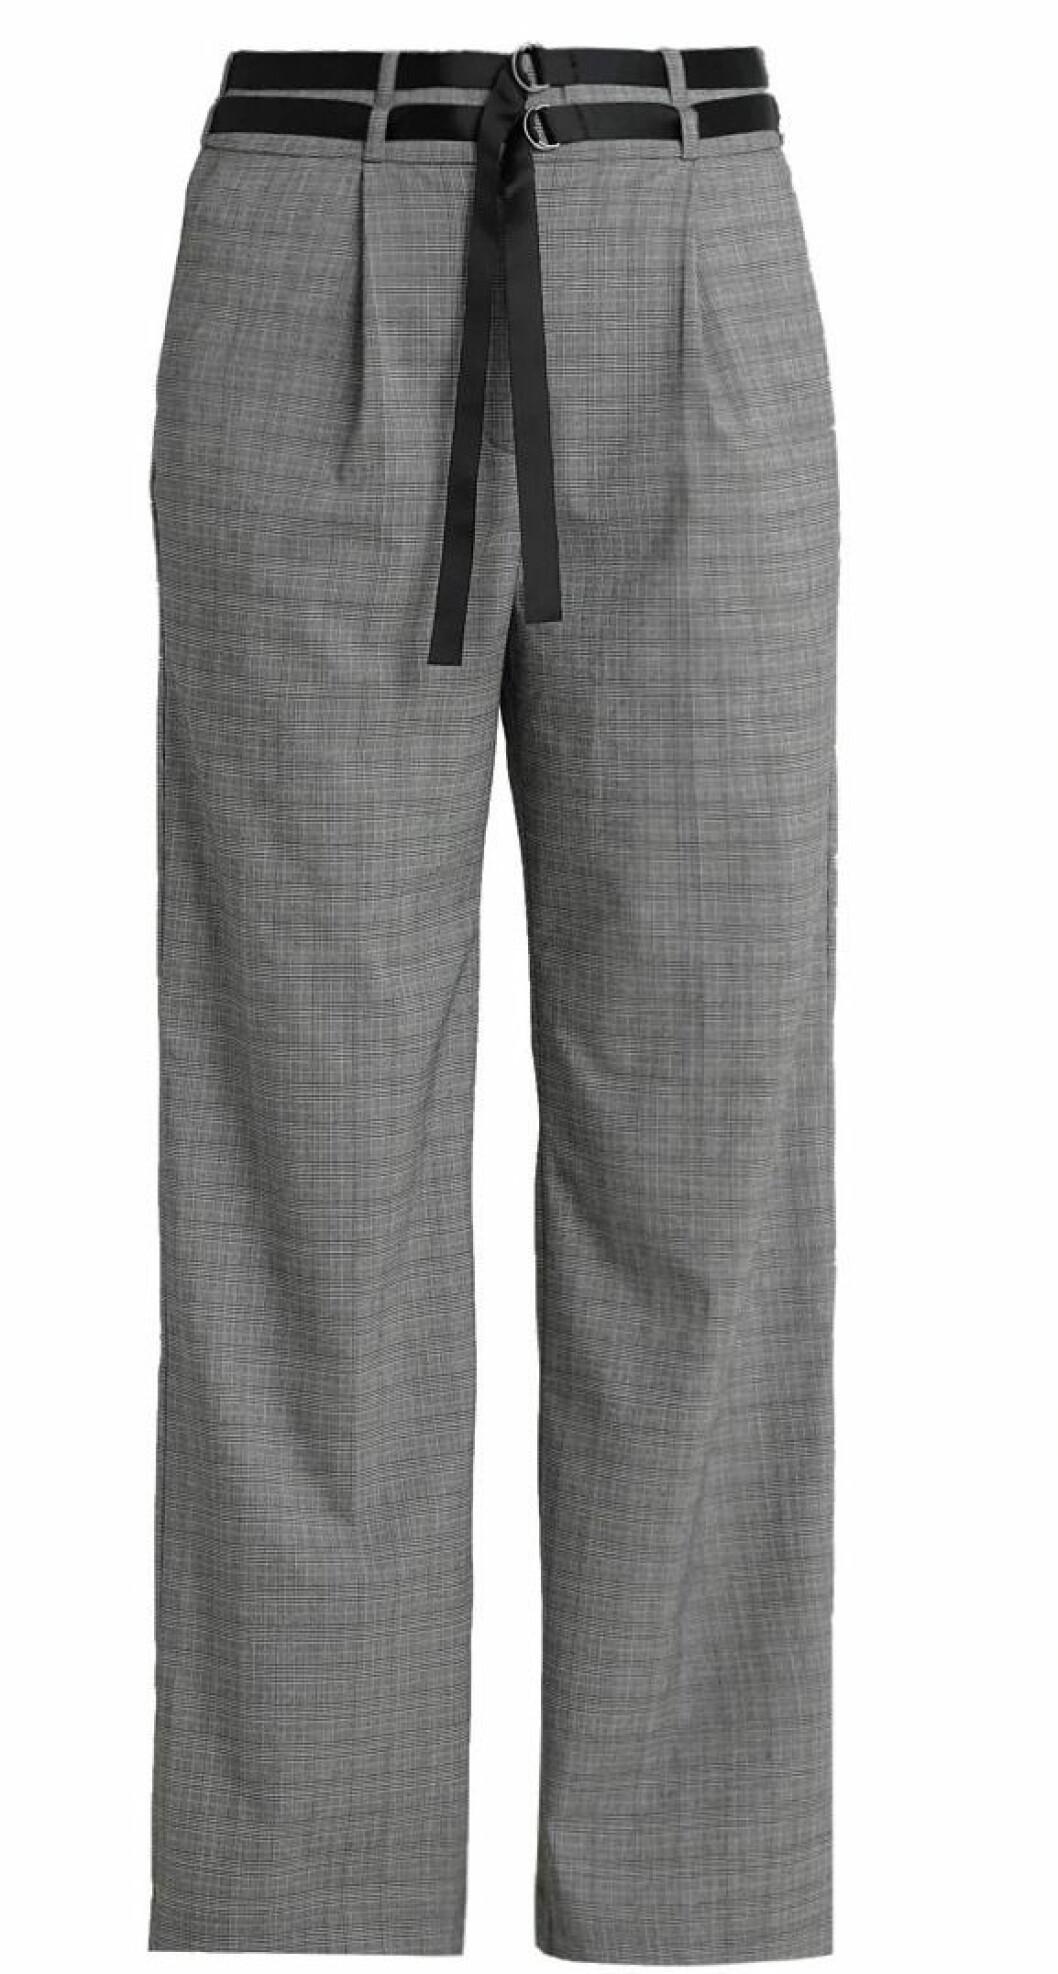 Bukse fra Kiomi  500,-  https://www.zalando.no/kiomi-bukser-blackwhite-k4421a03d-q11.html